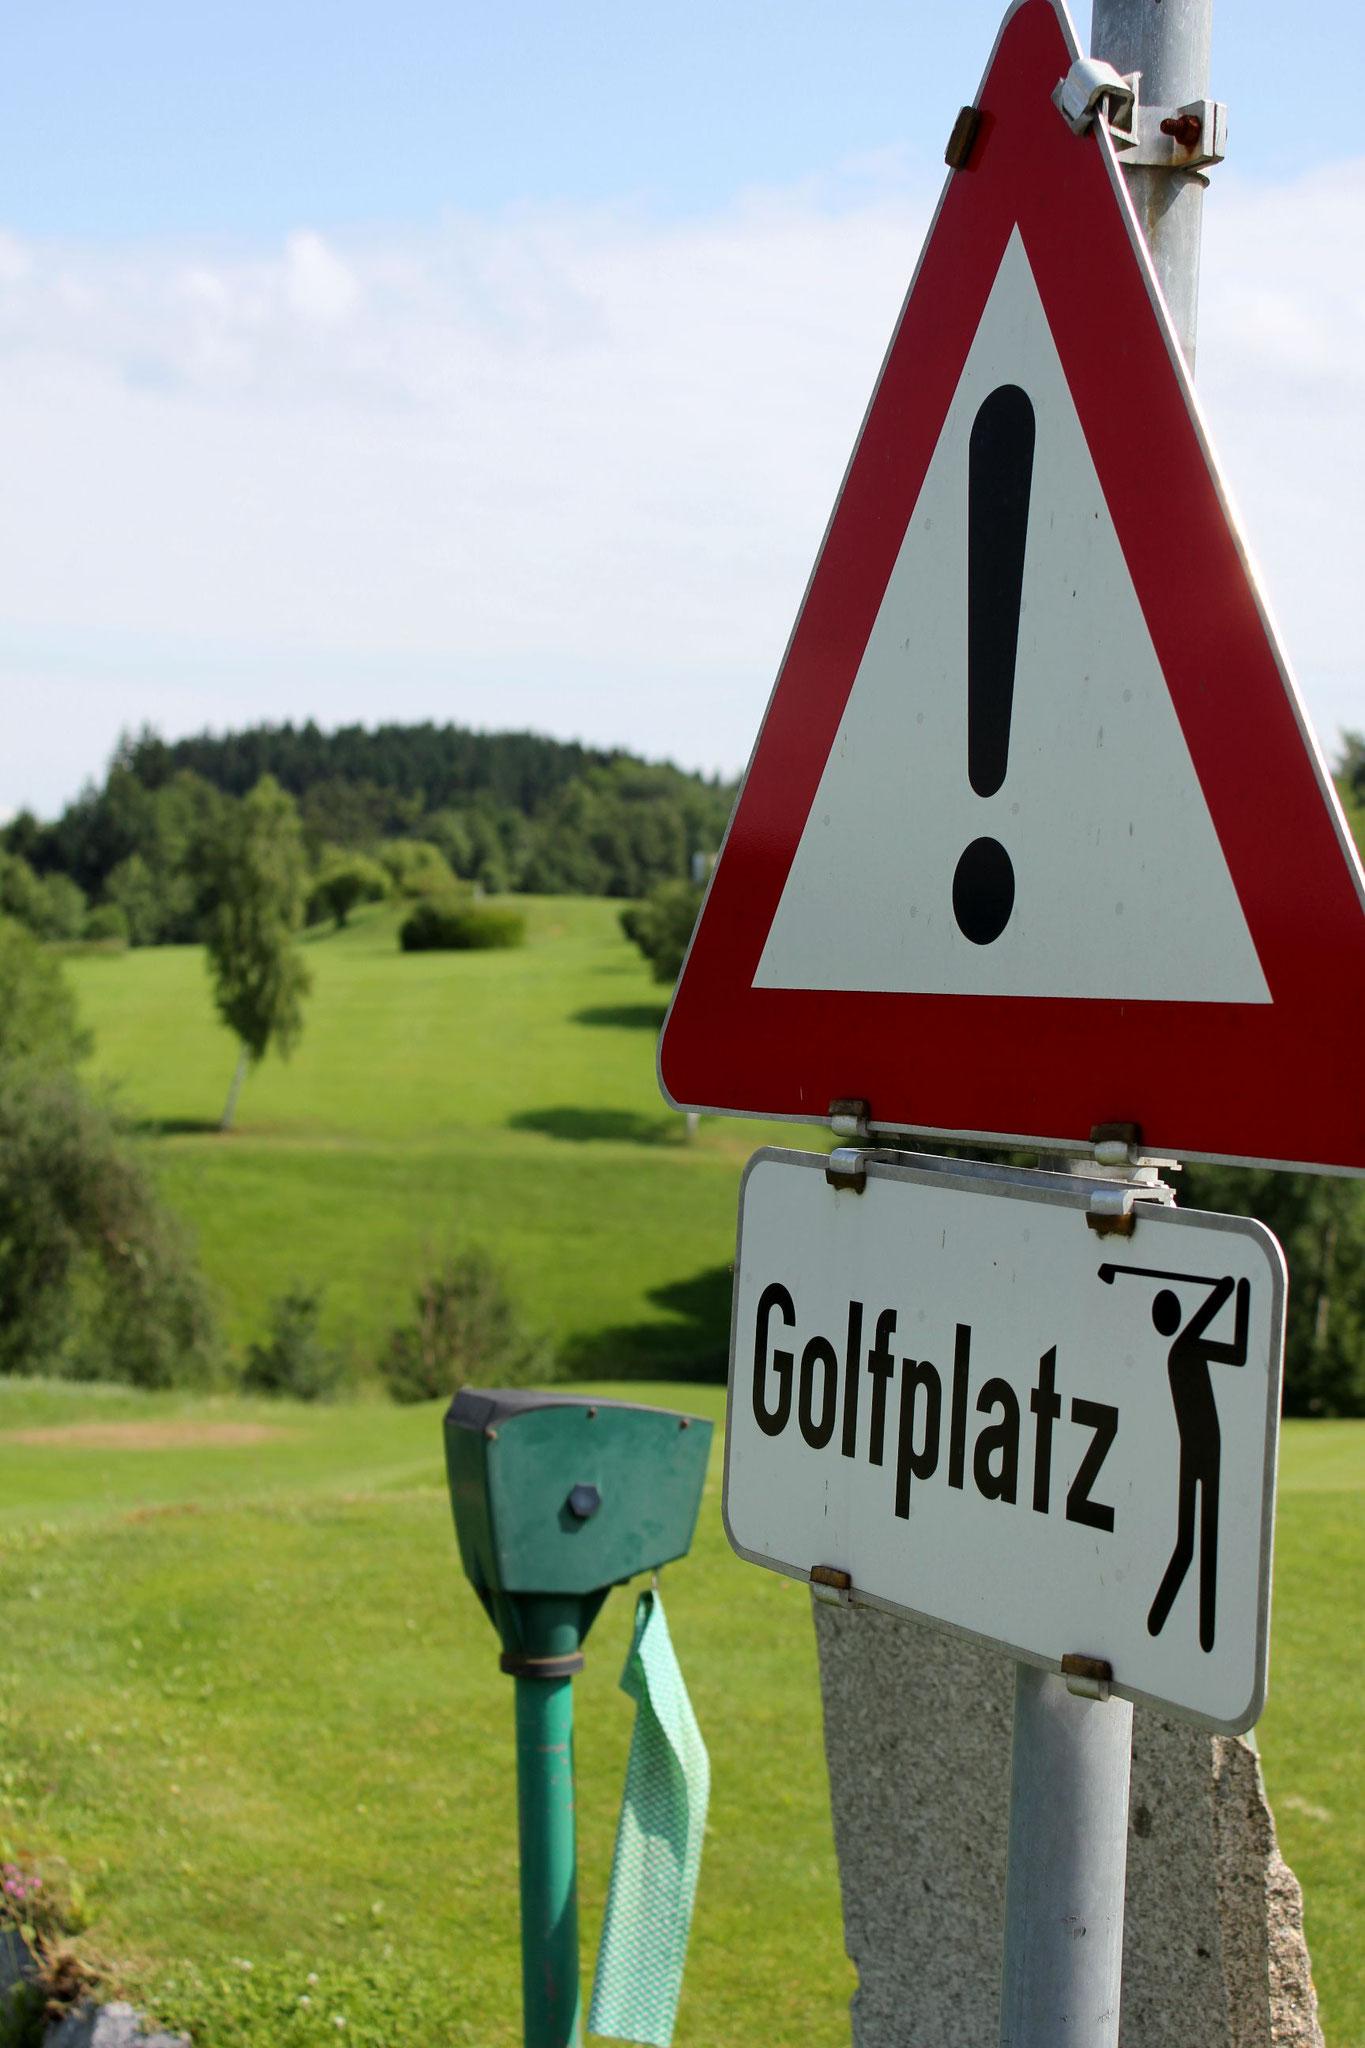 Nicht abbiegen, macht süchtig! Gesehen im GC Über den Dächern von Passau (Foto: Stephan Schöttl/alpengolfer.de)